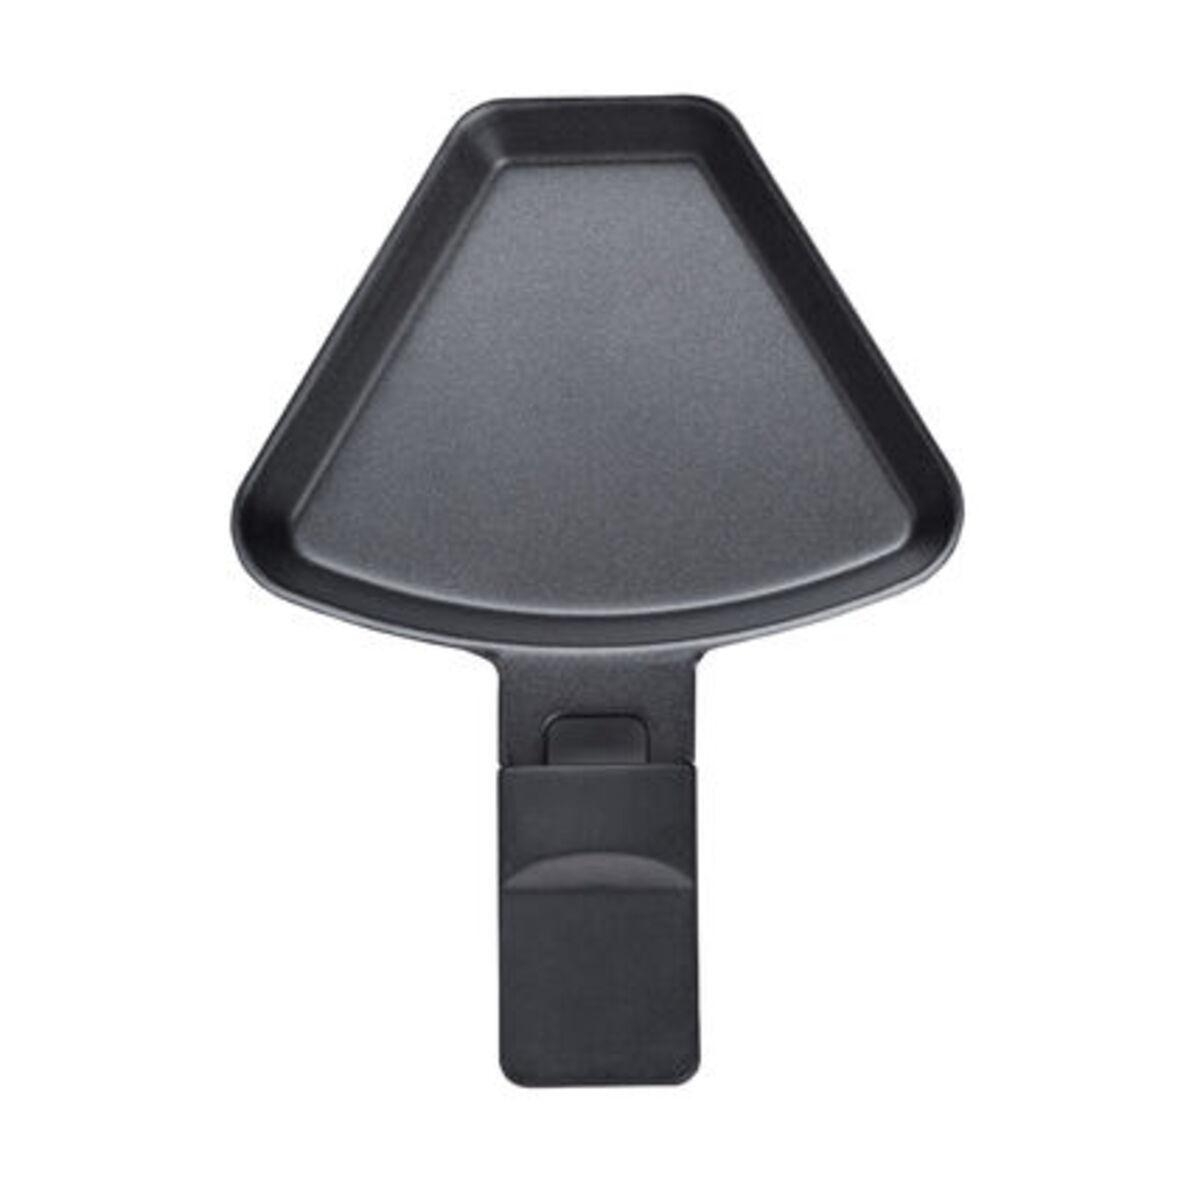 Bild 2 von Severin Raclette-Grill RG 2681, 8 Pfännchen, 1100W, Temperaturregler, schwarz, schwarz